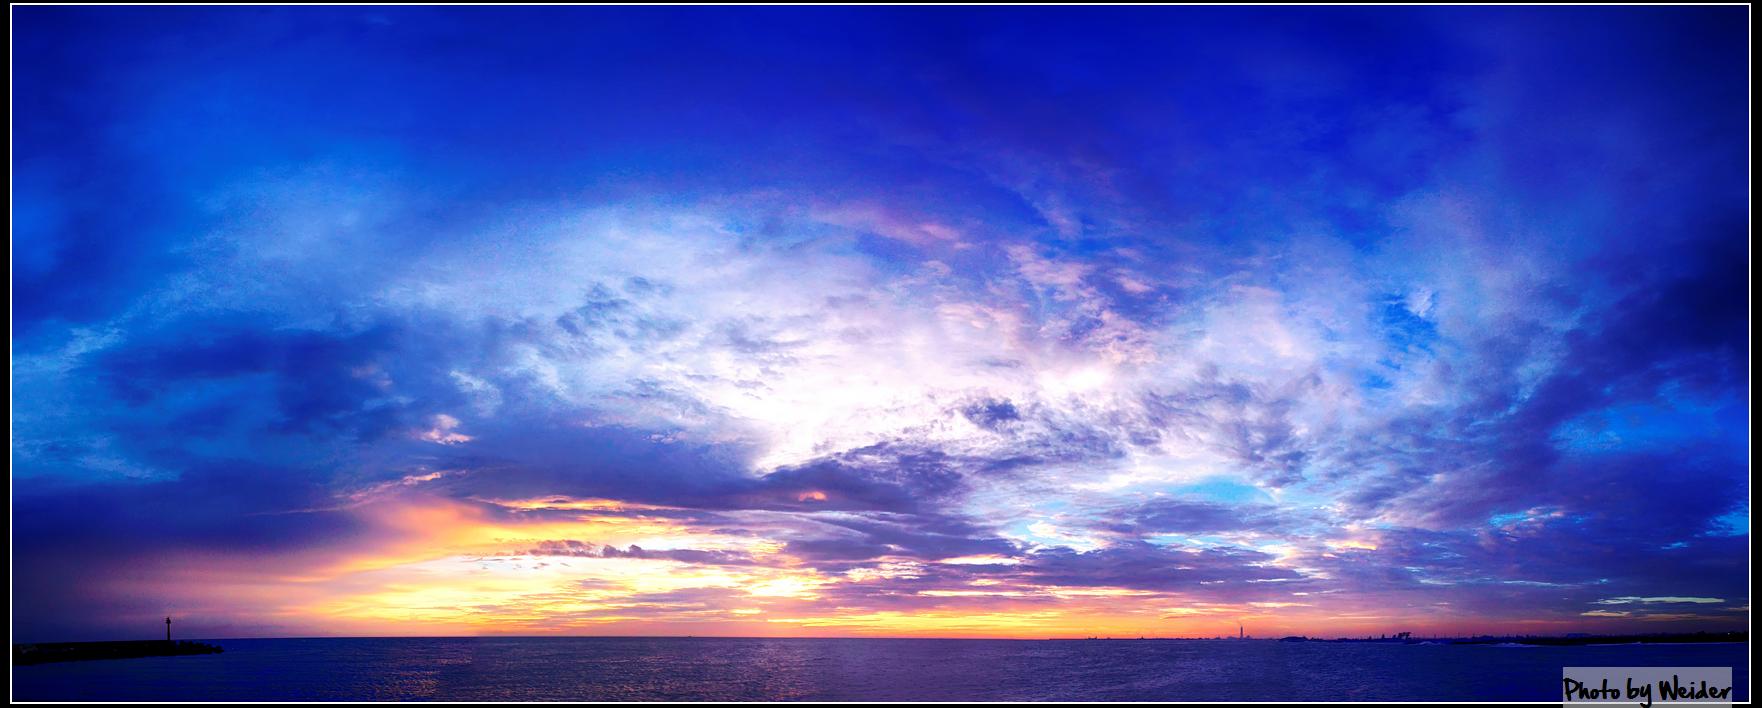 http://gnl.hunternet.com.tw/weider/web/wp-content/gallery/nanliao/01.jpg